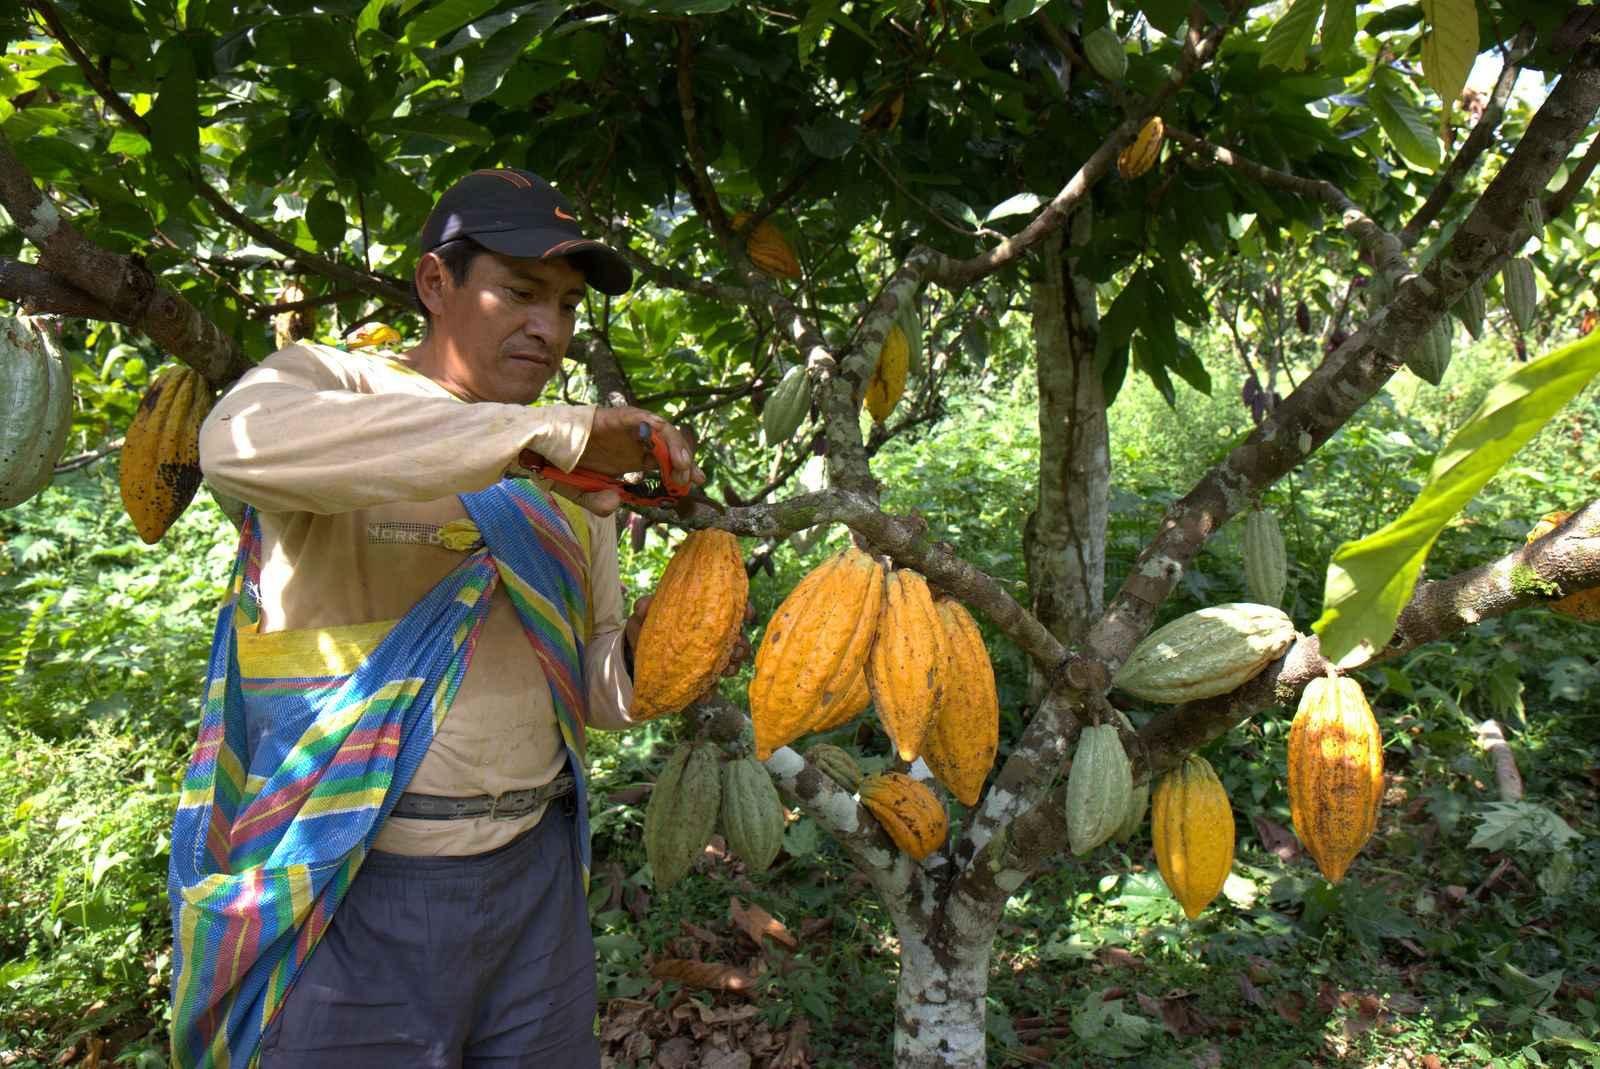 """Öko-Kakaobauer Luis Jonathan Callo Arcega bei der Ernte von """"Chuncho""""-Ur-Kakao"""